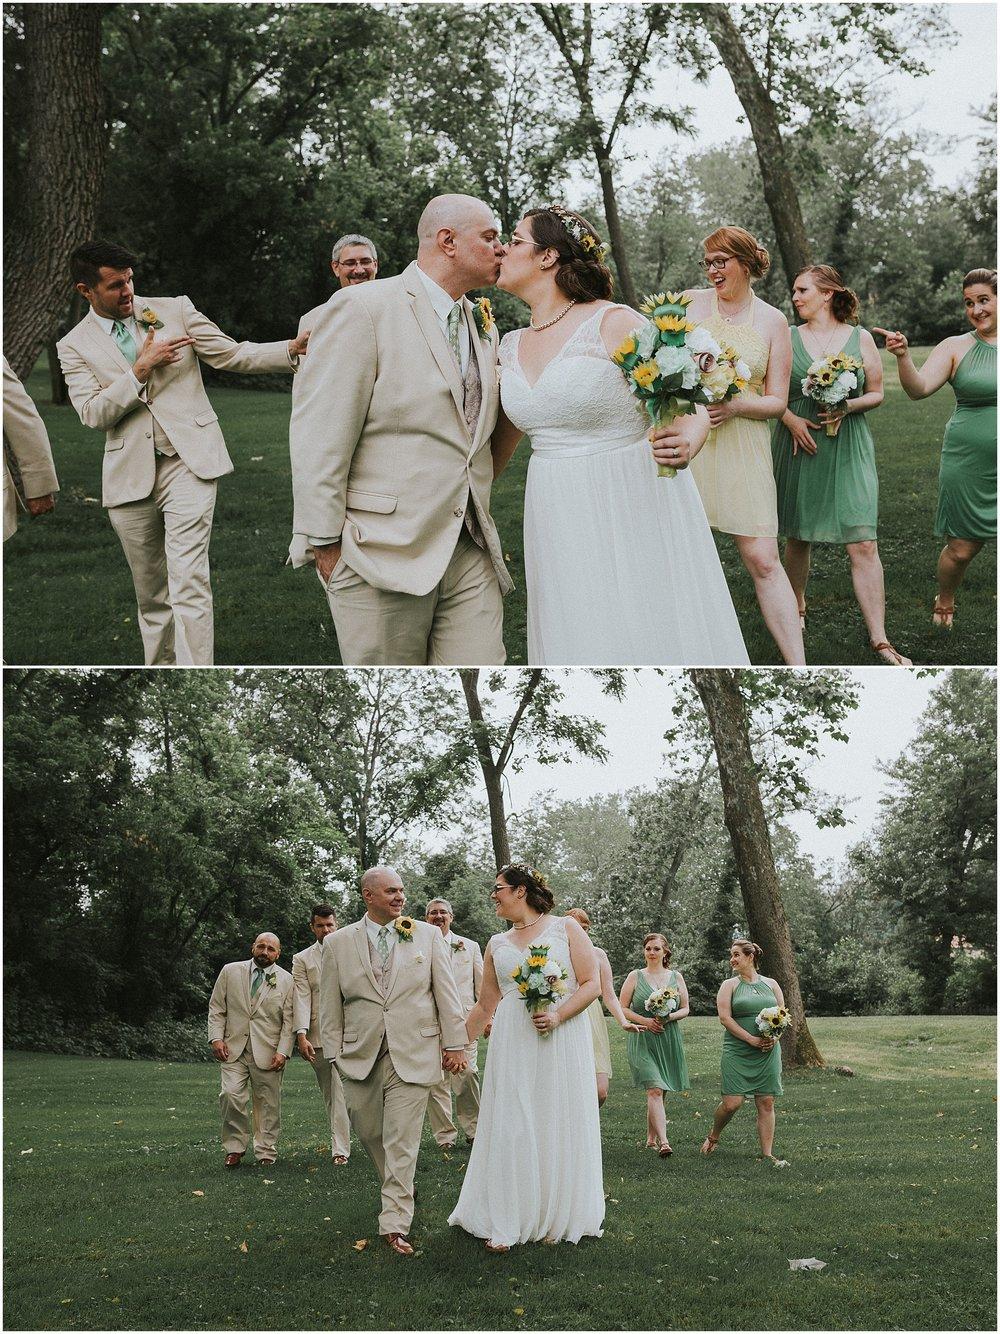 Reading-Pennsylvania-Outdoor-Wedding-DIY-Bride-Groom-Dancing-Laughter-Reception (36).jpg